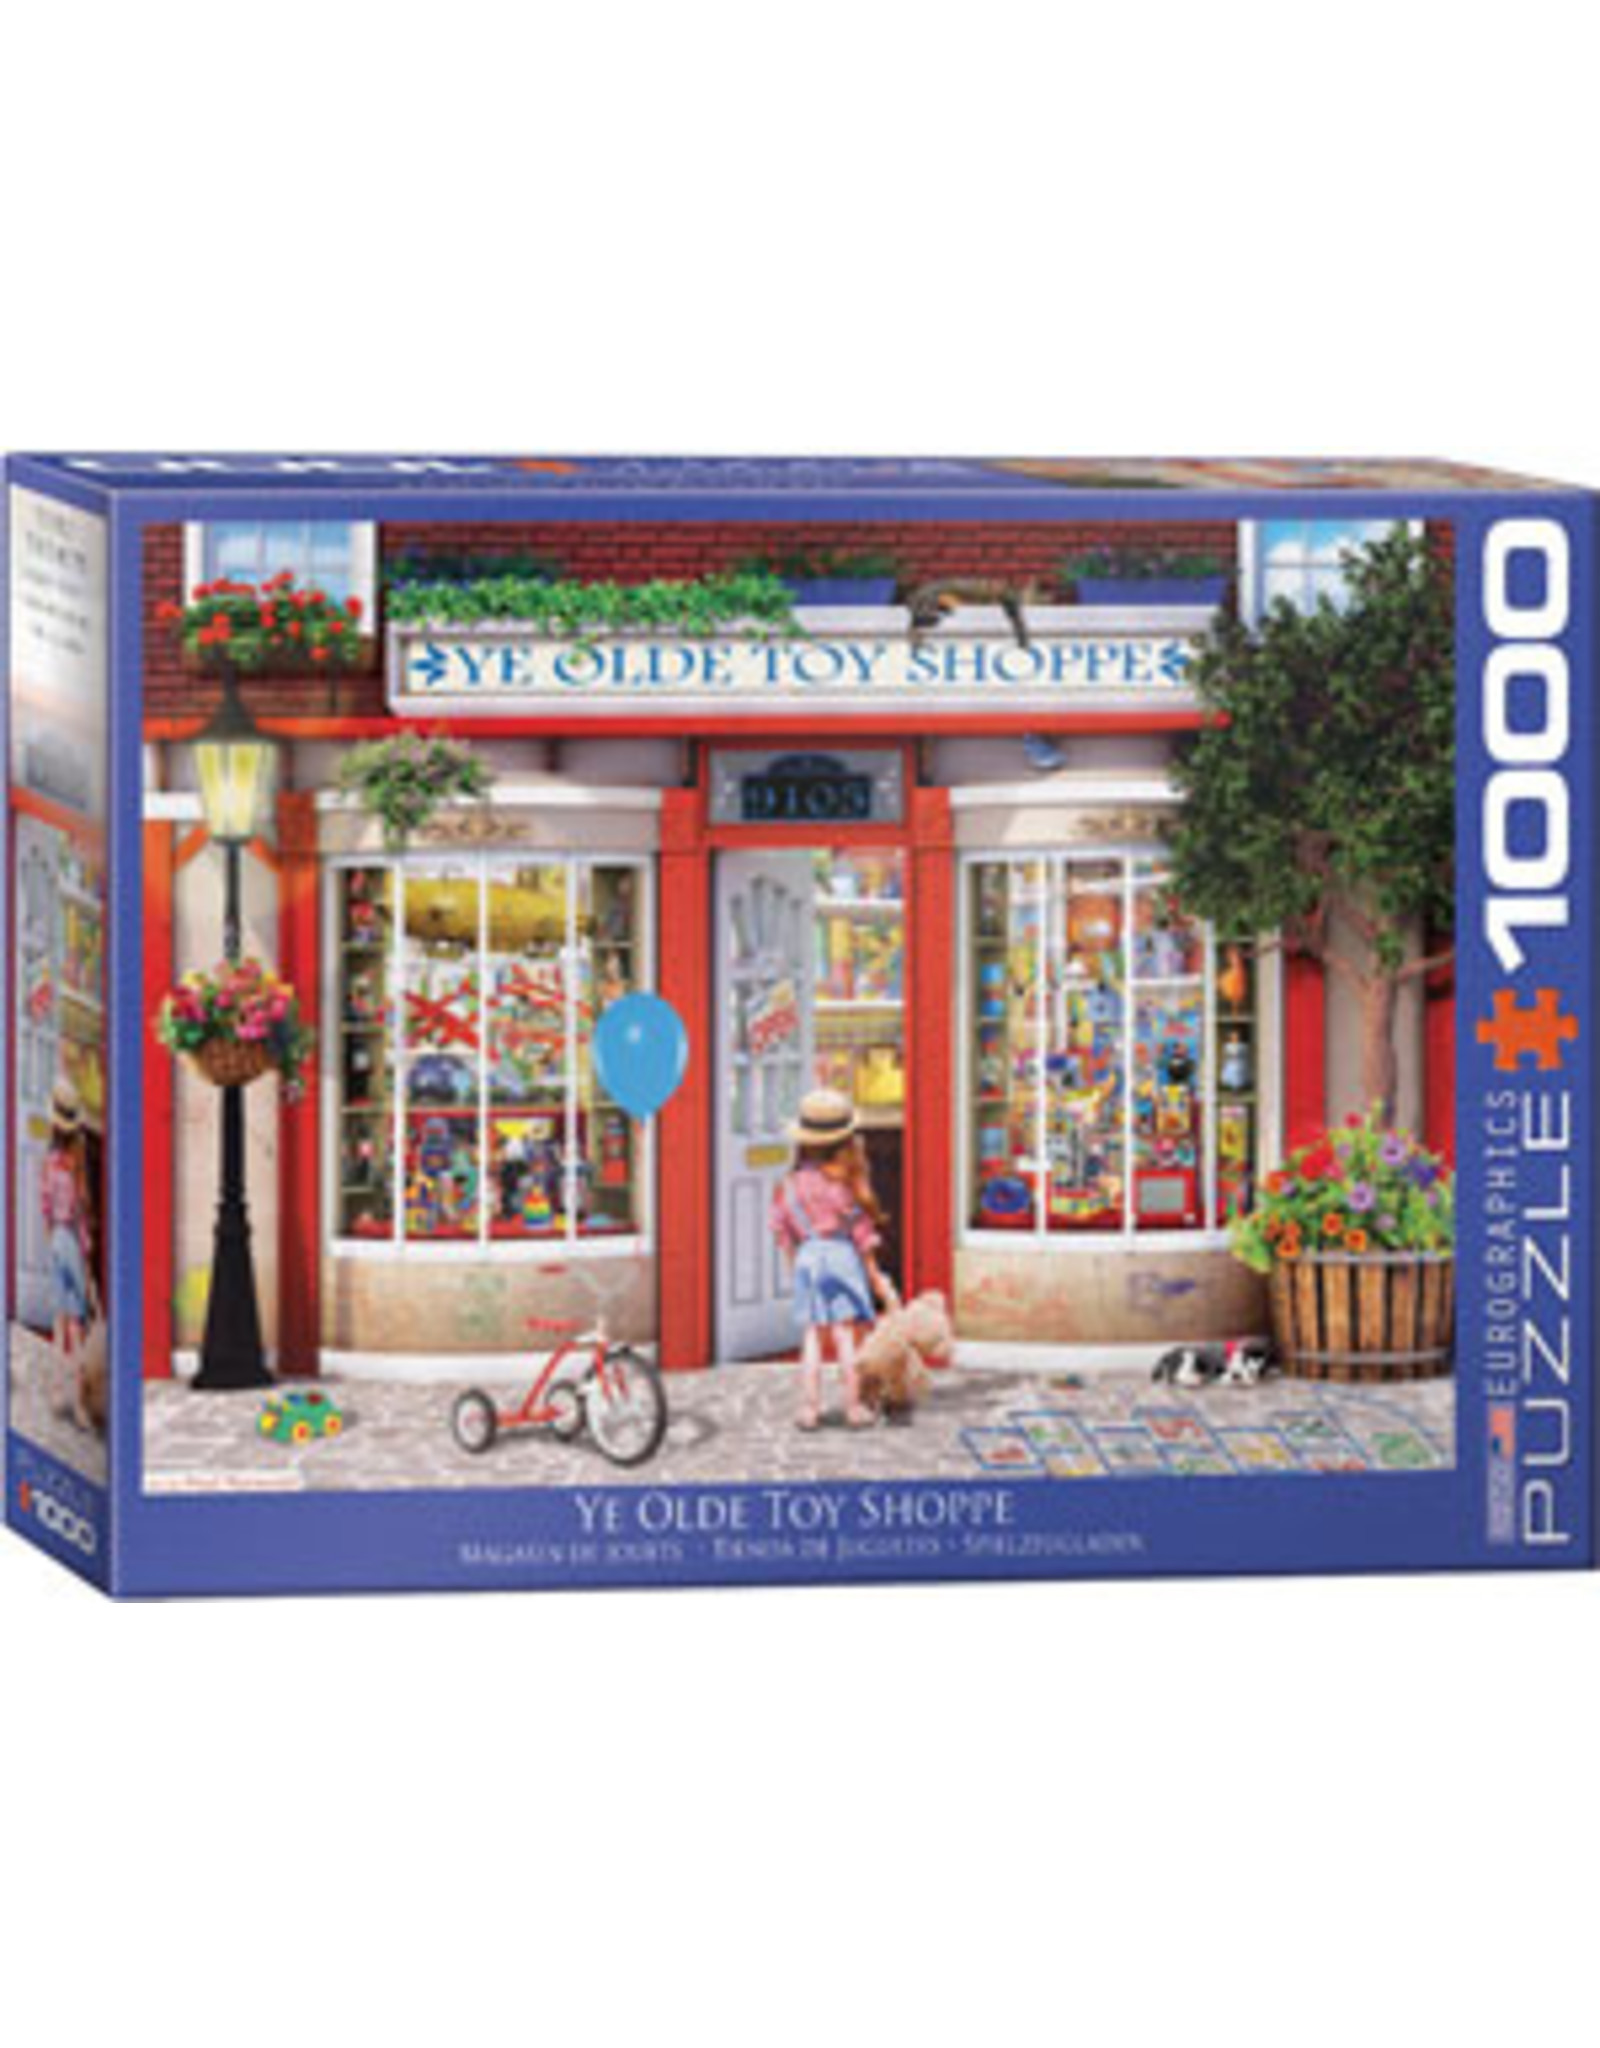 Eurographics Ye Olde Toy Shoppe